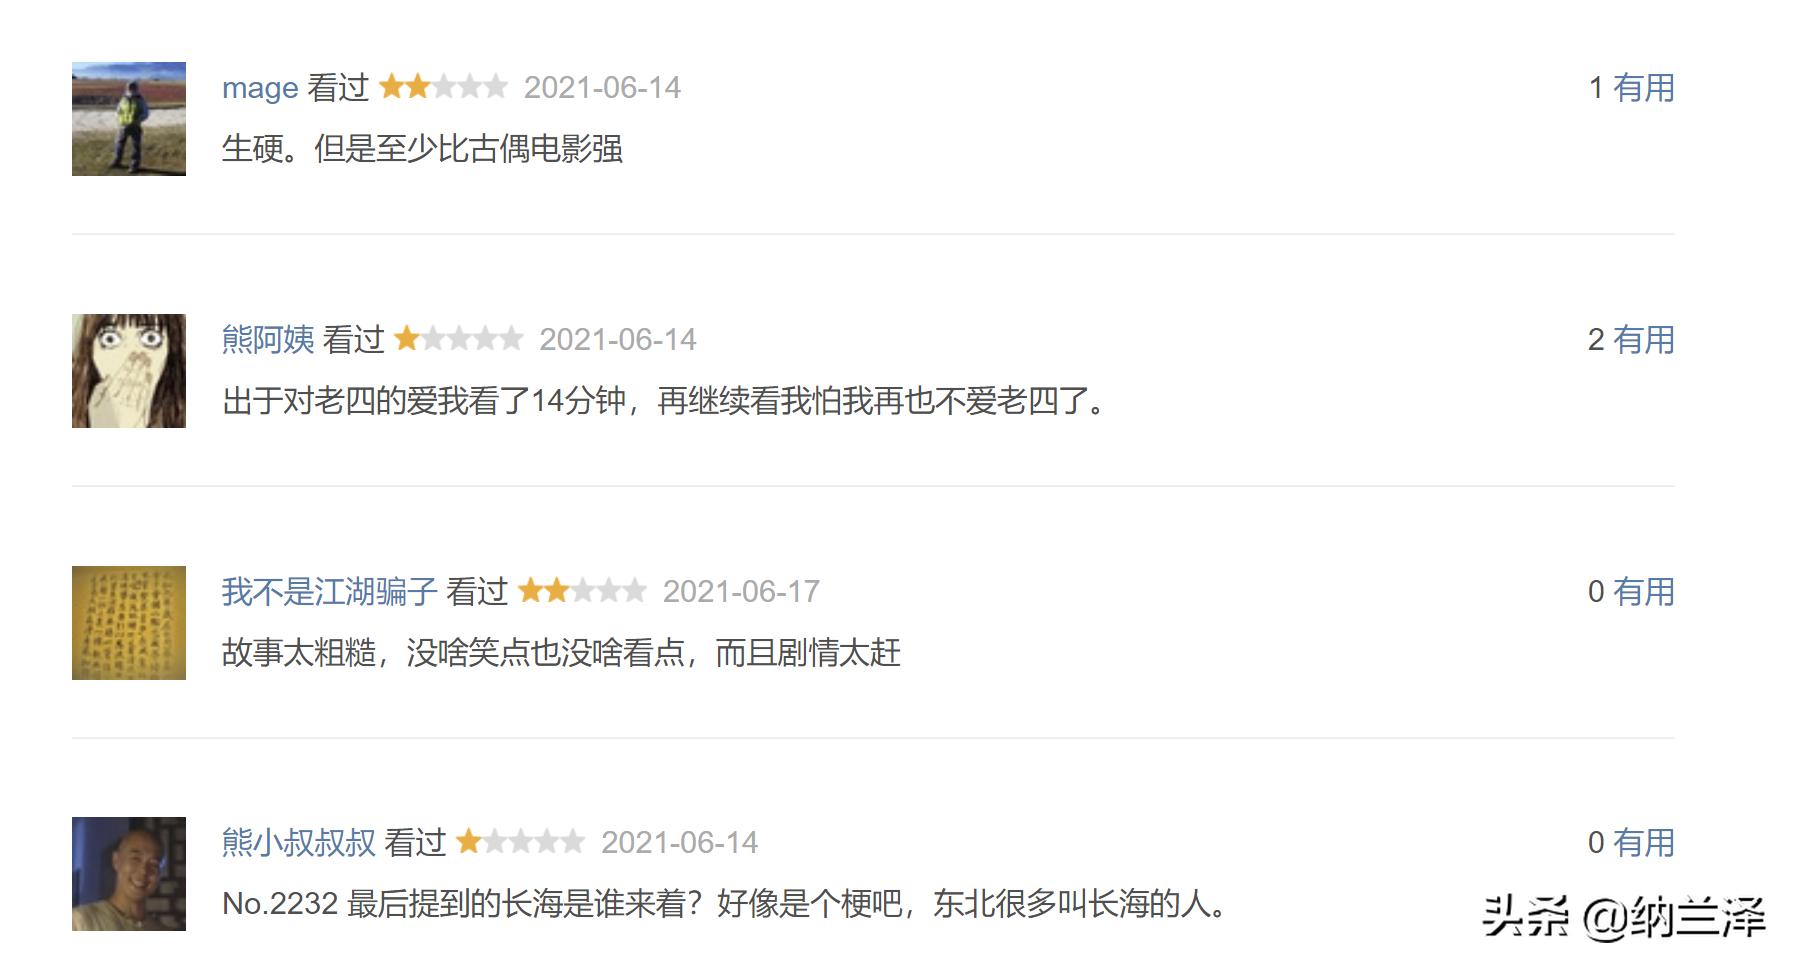 刘能赵四小沈阳,烂片一部接一部,就知道割观众韭菜